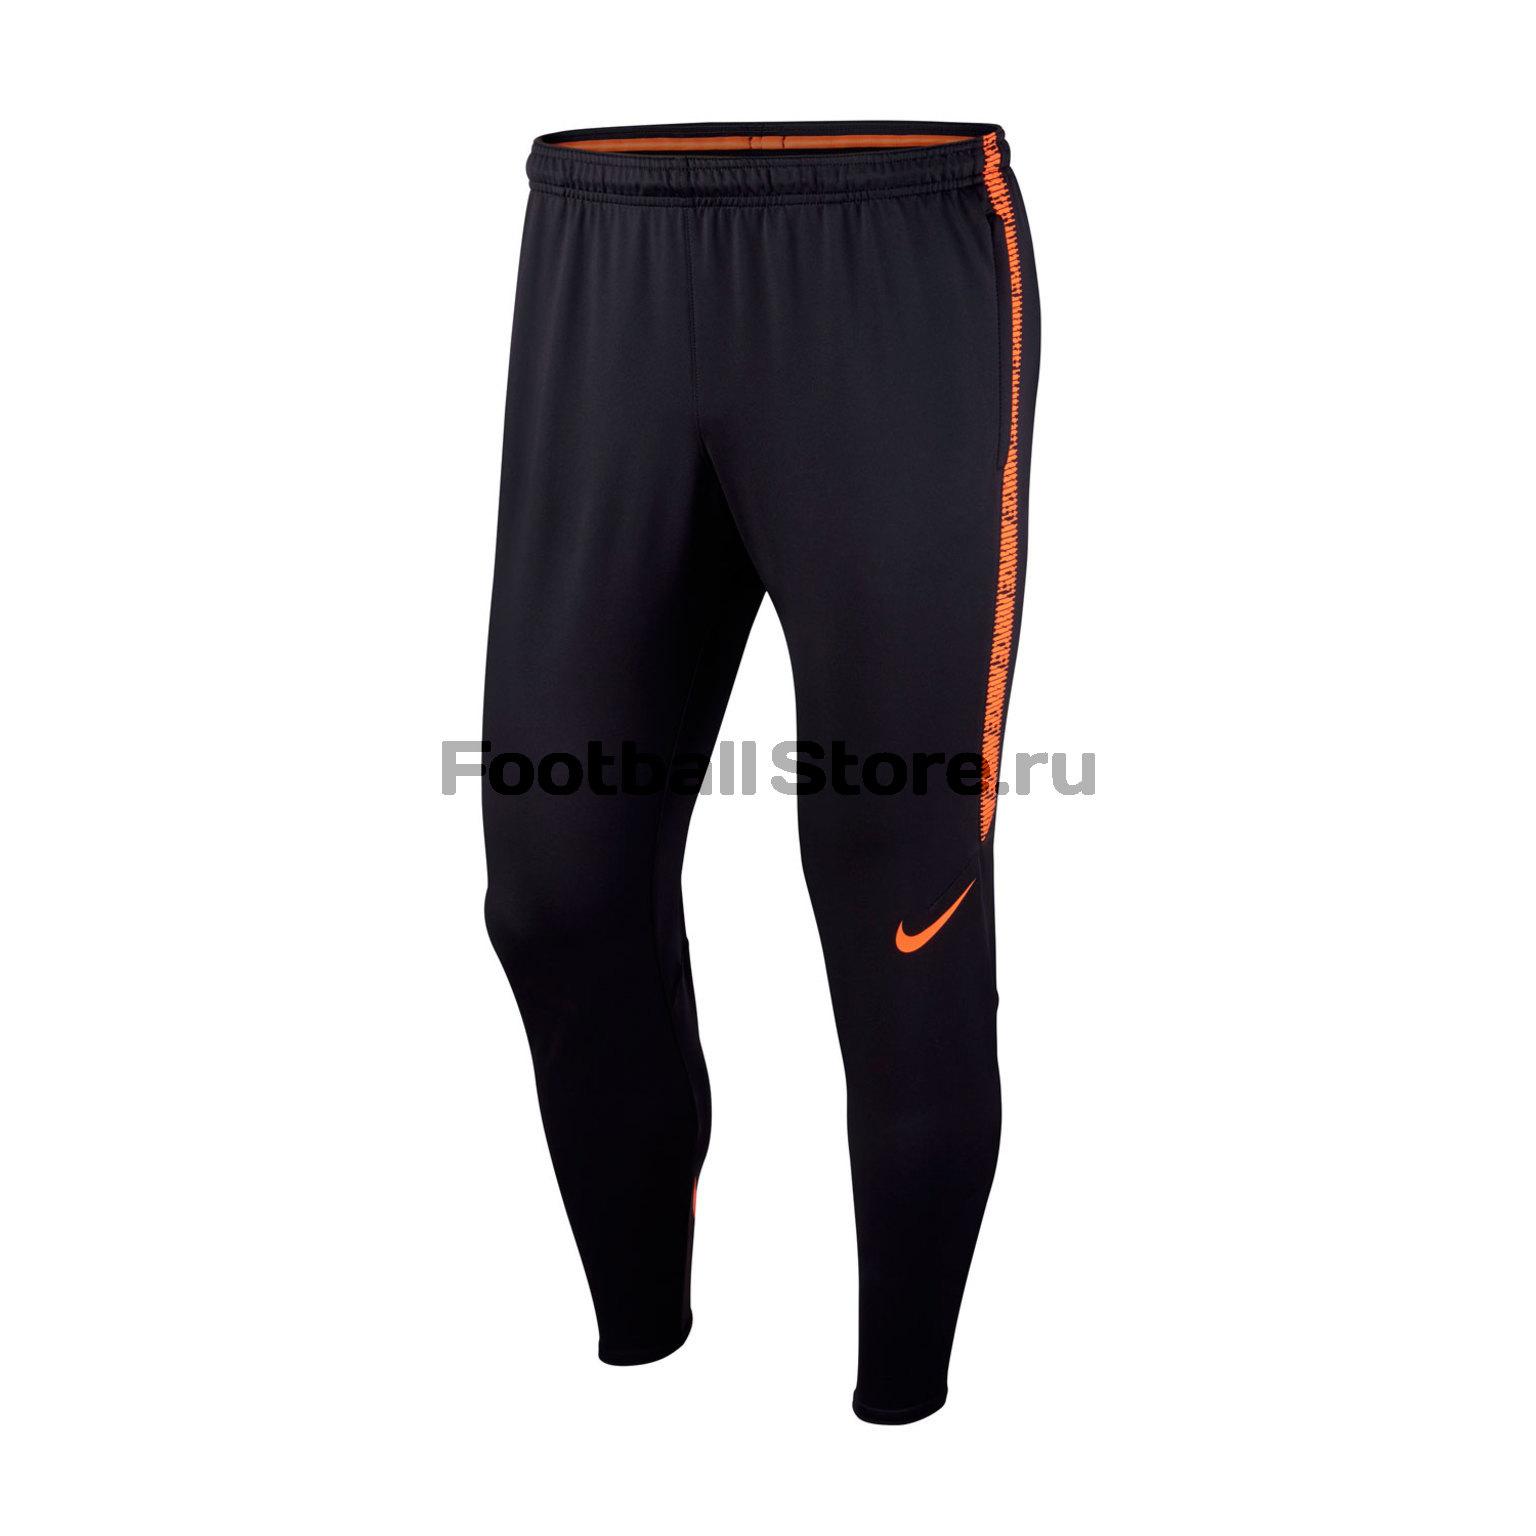 Брюки тренировочные Nike NK Dry Pant KP 859225-019